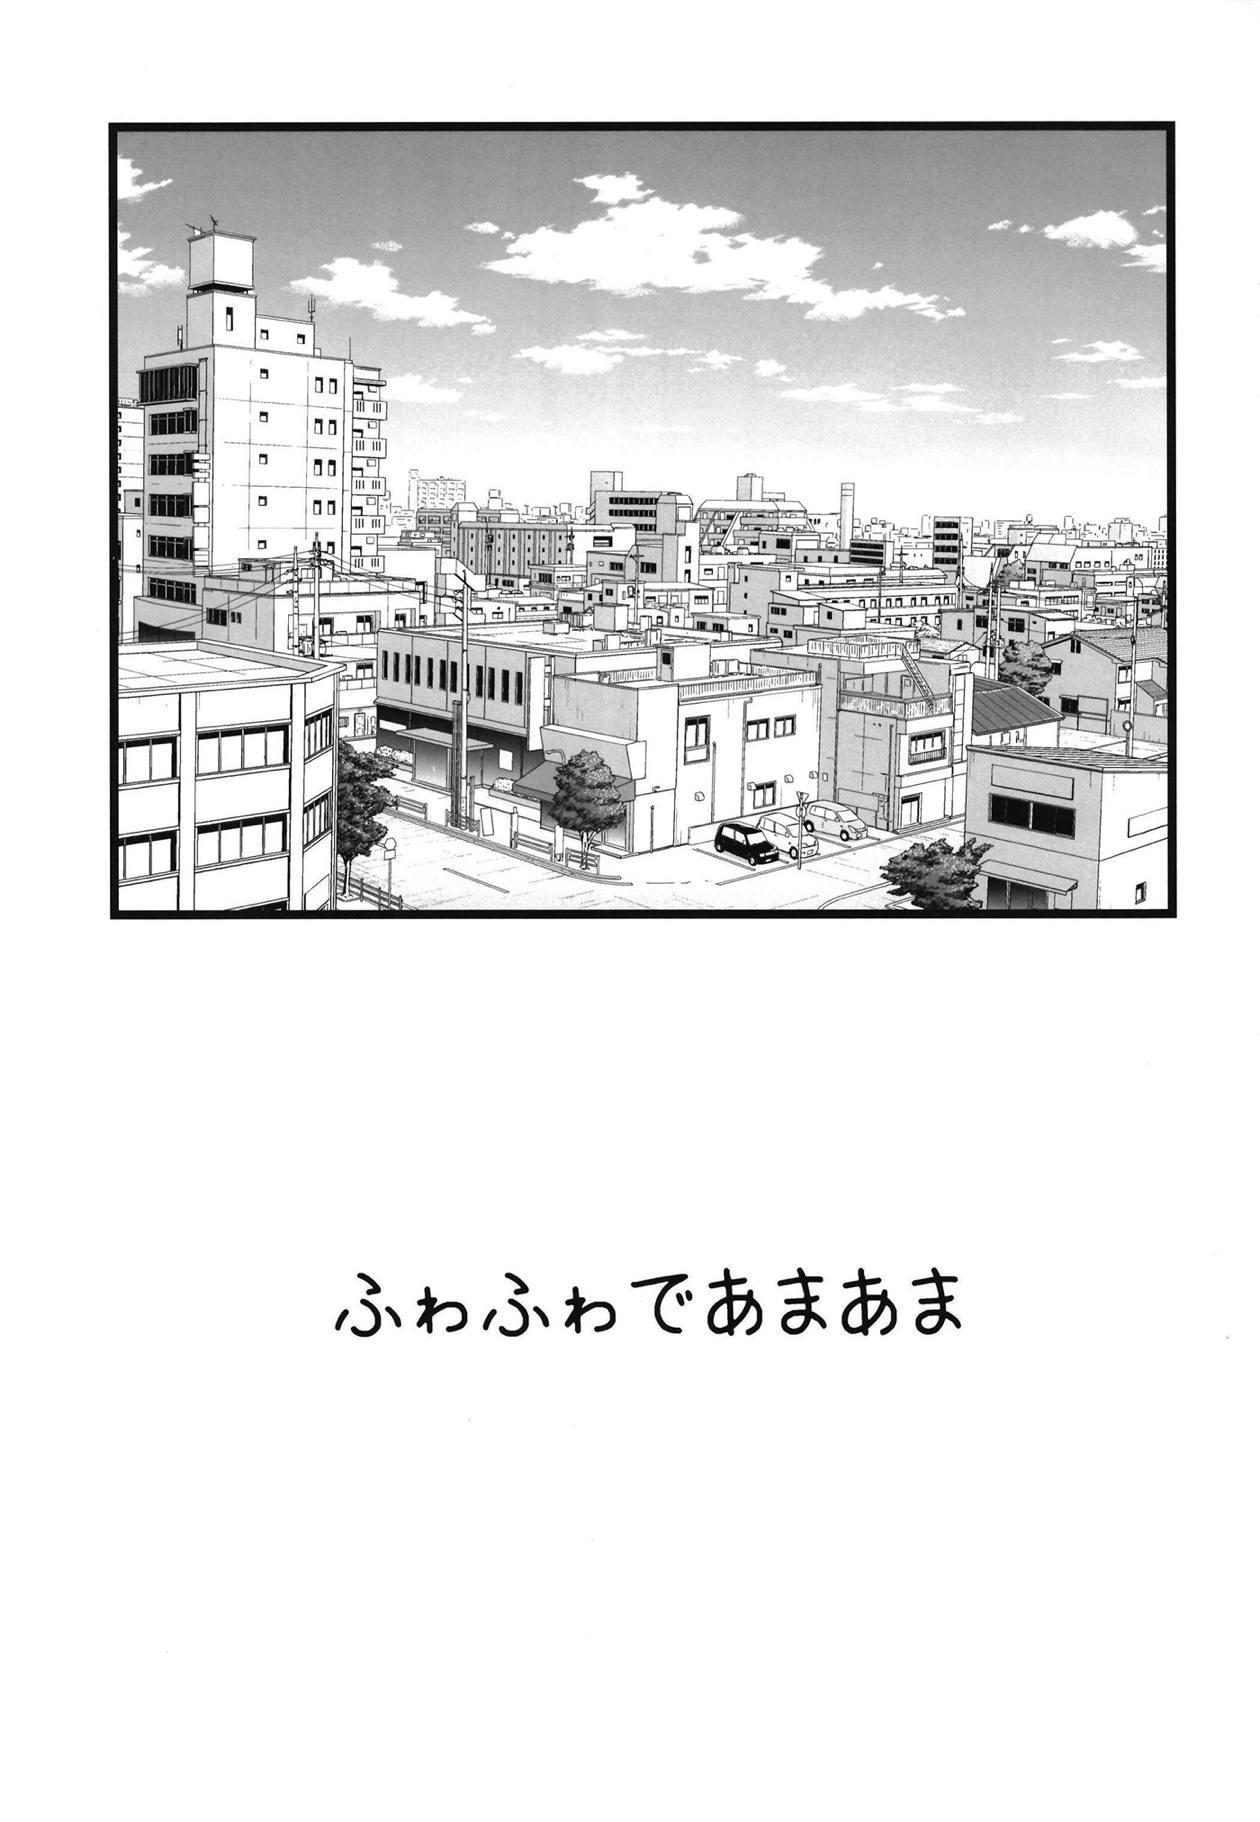 Amakute Horonigai Sekai 1